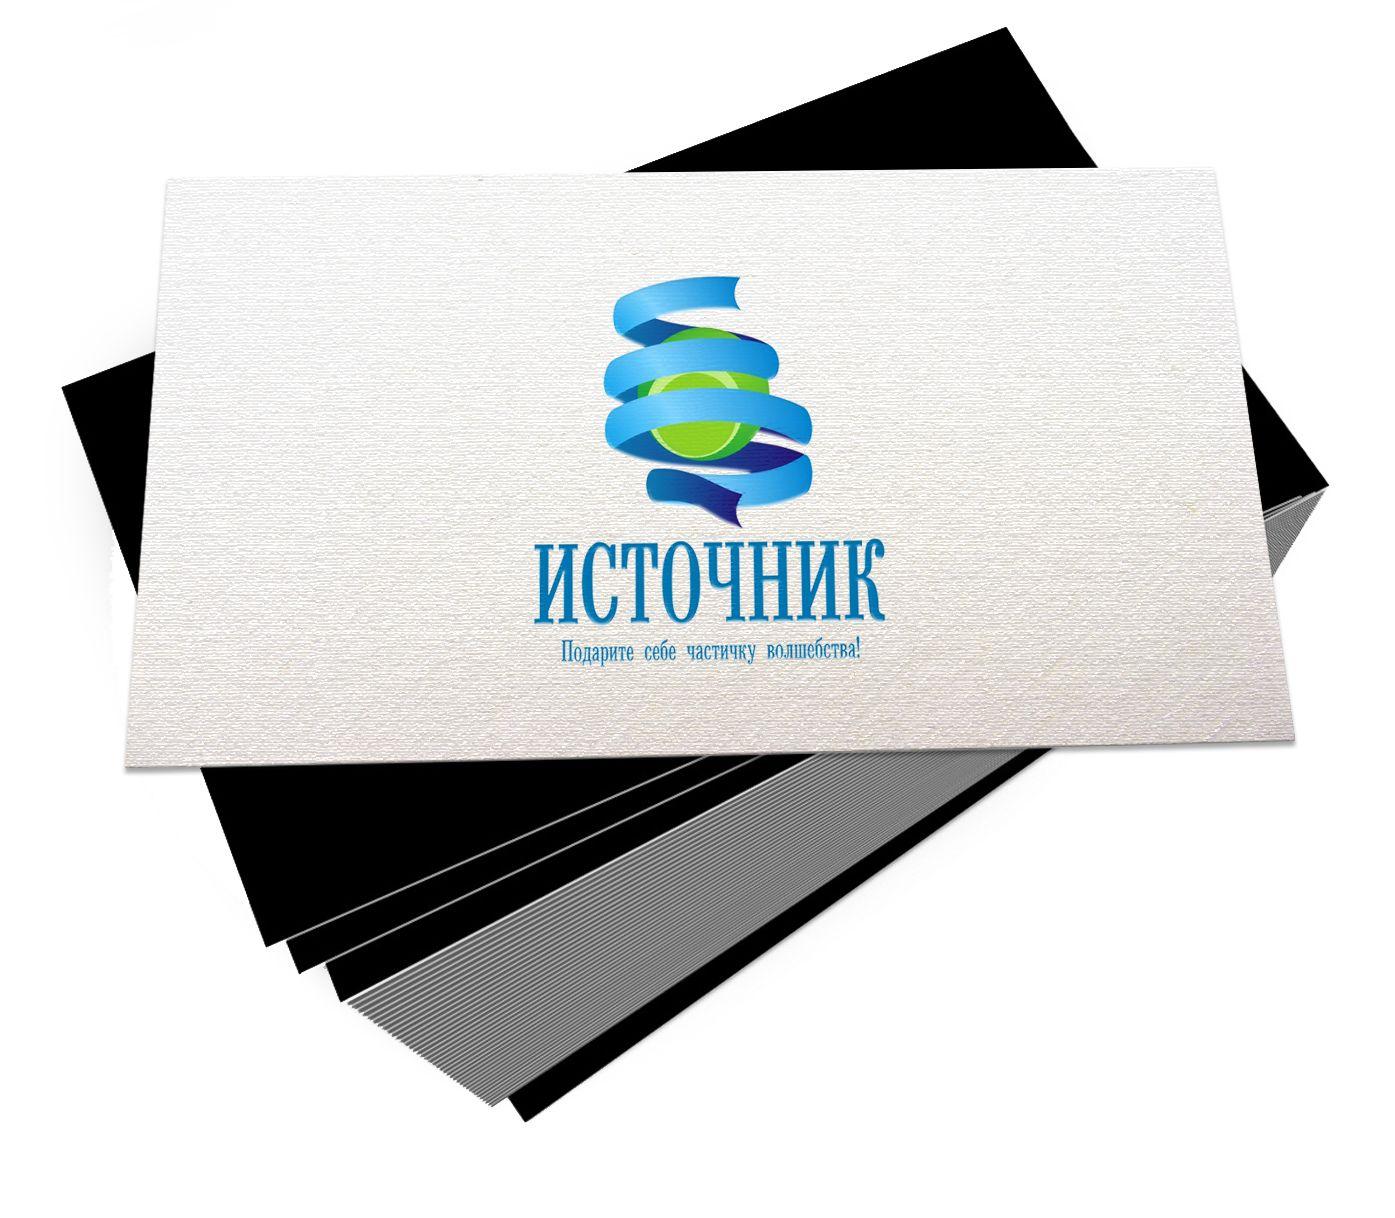 Логотип для магазина Украшений из Фильмов - дизайнер Scorp